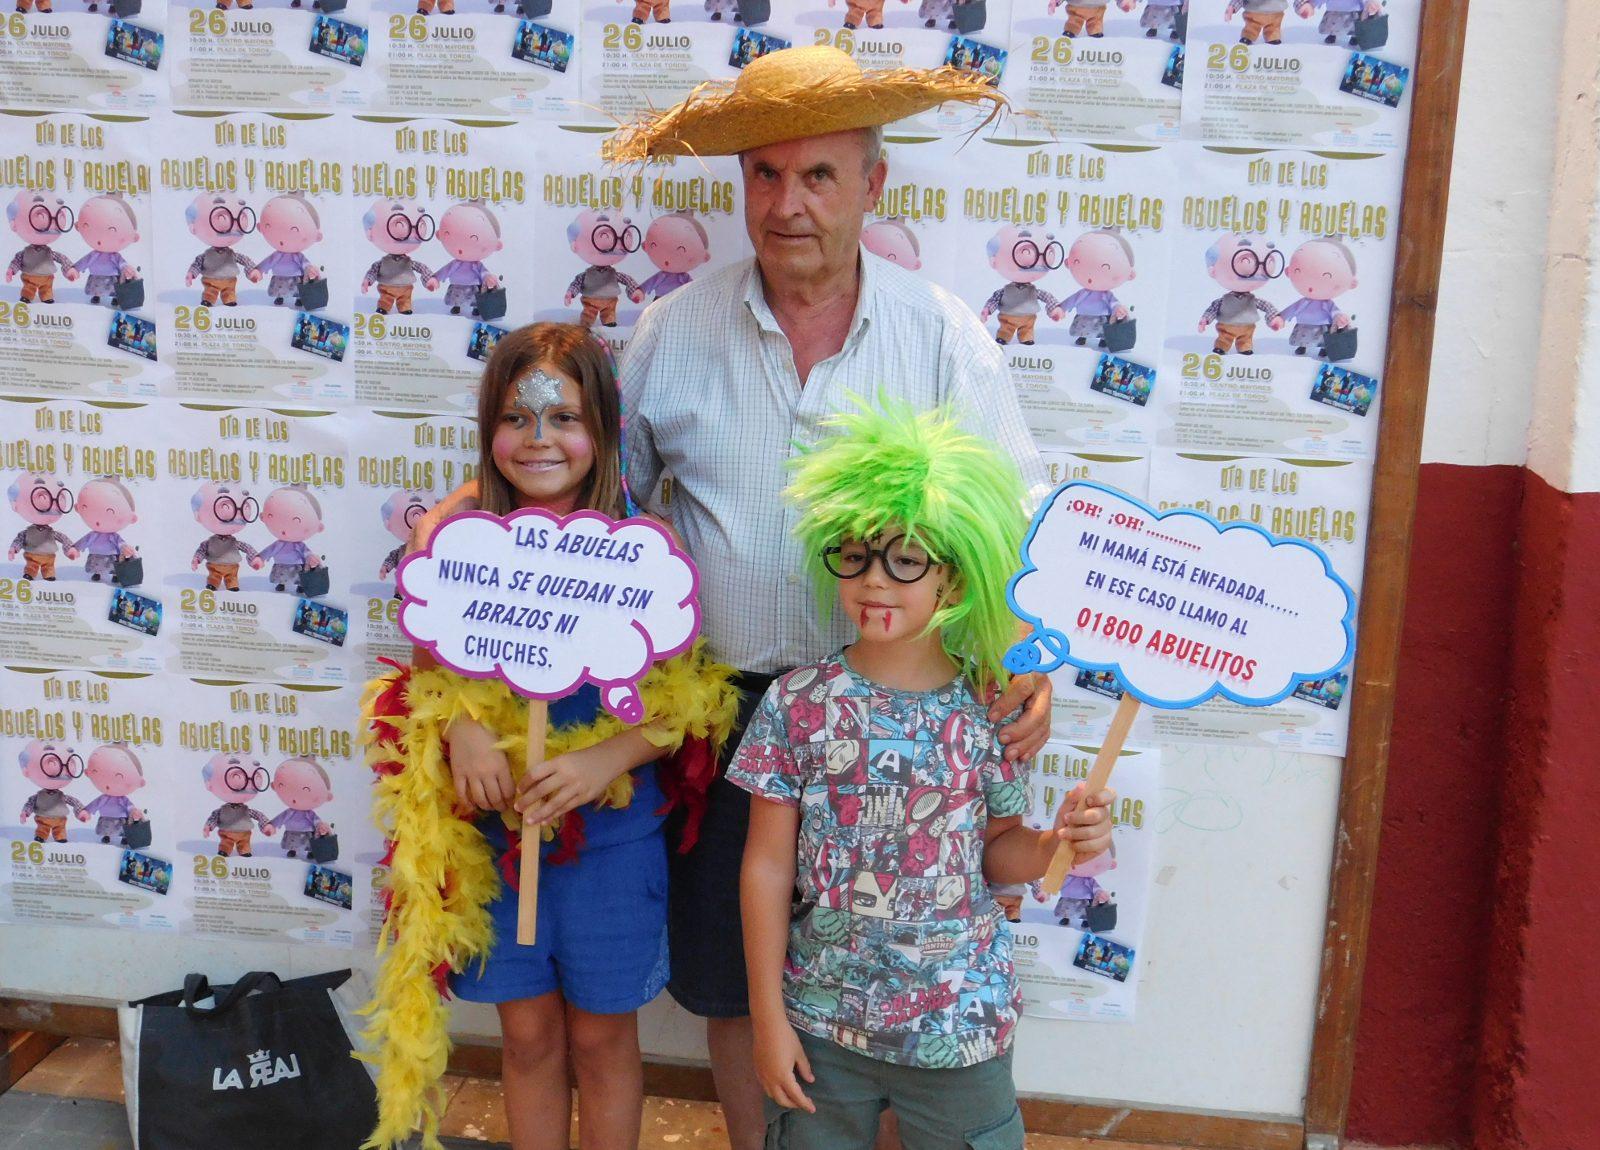 Abuelos y nietos baten el record de asistencia en las 'Noches de Verano'  de Daimiel